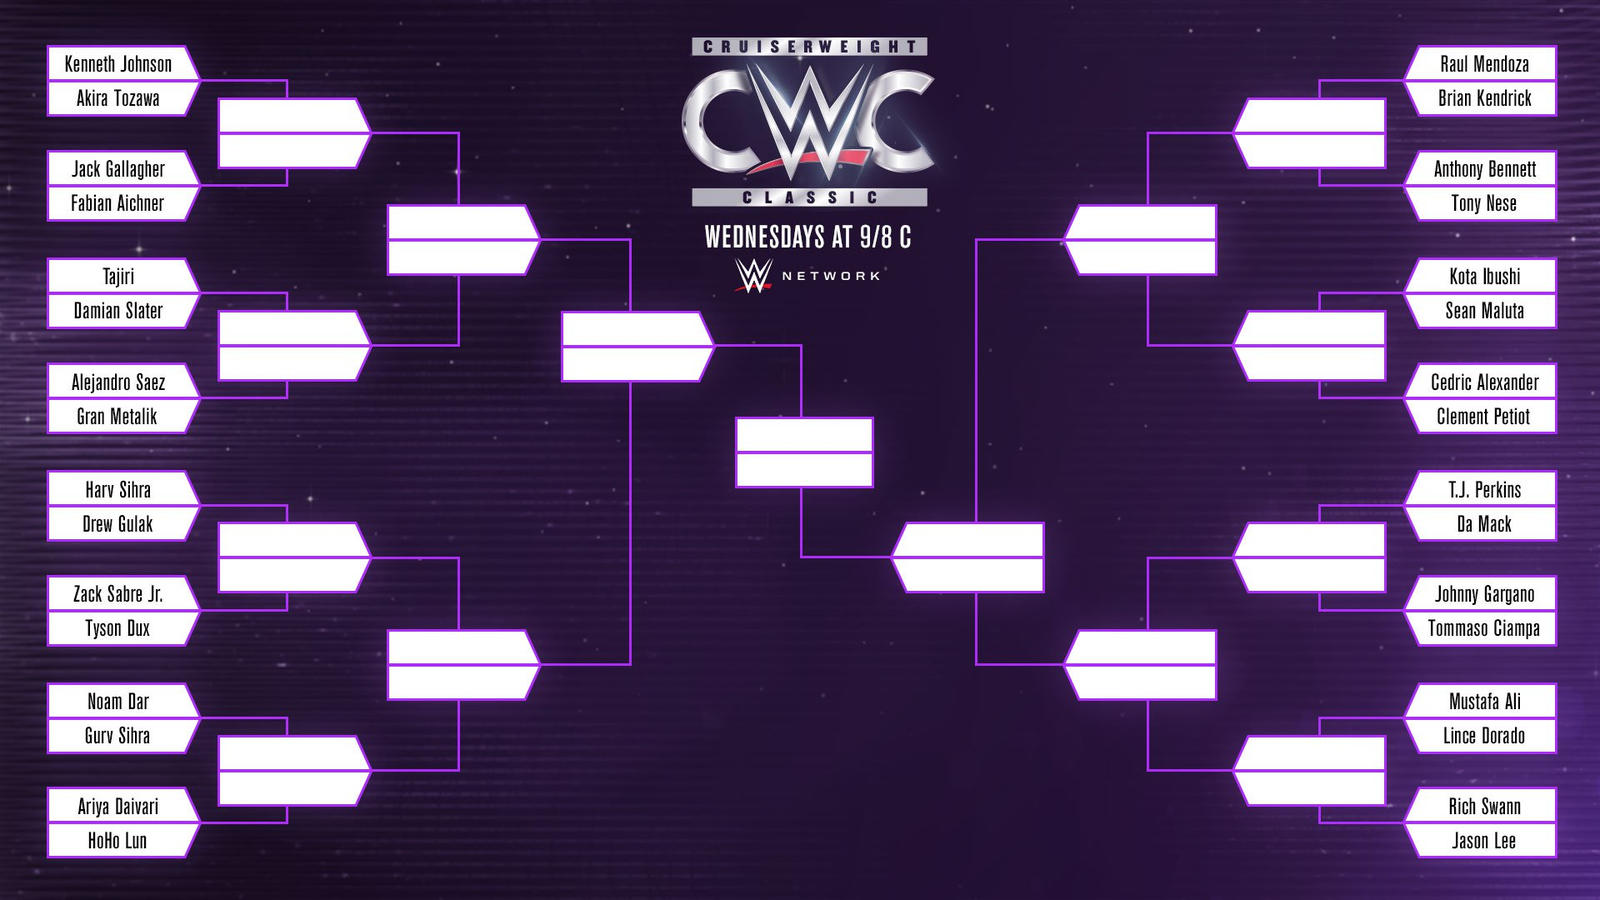 WWE CruiseWeight Classic – CWC Bracketology 7/6/16